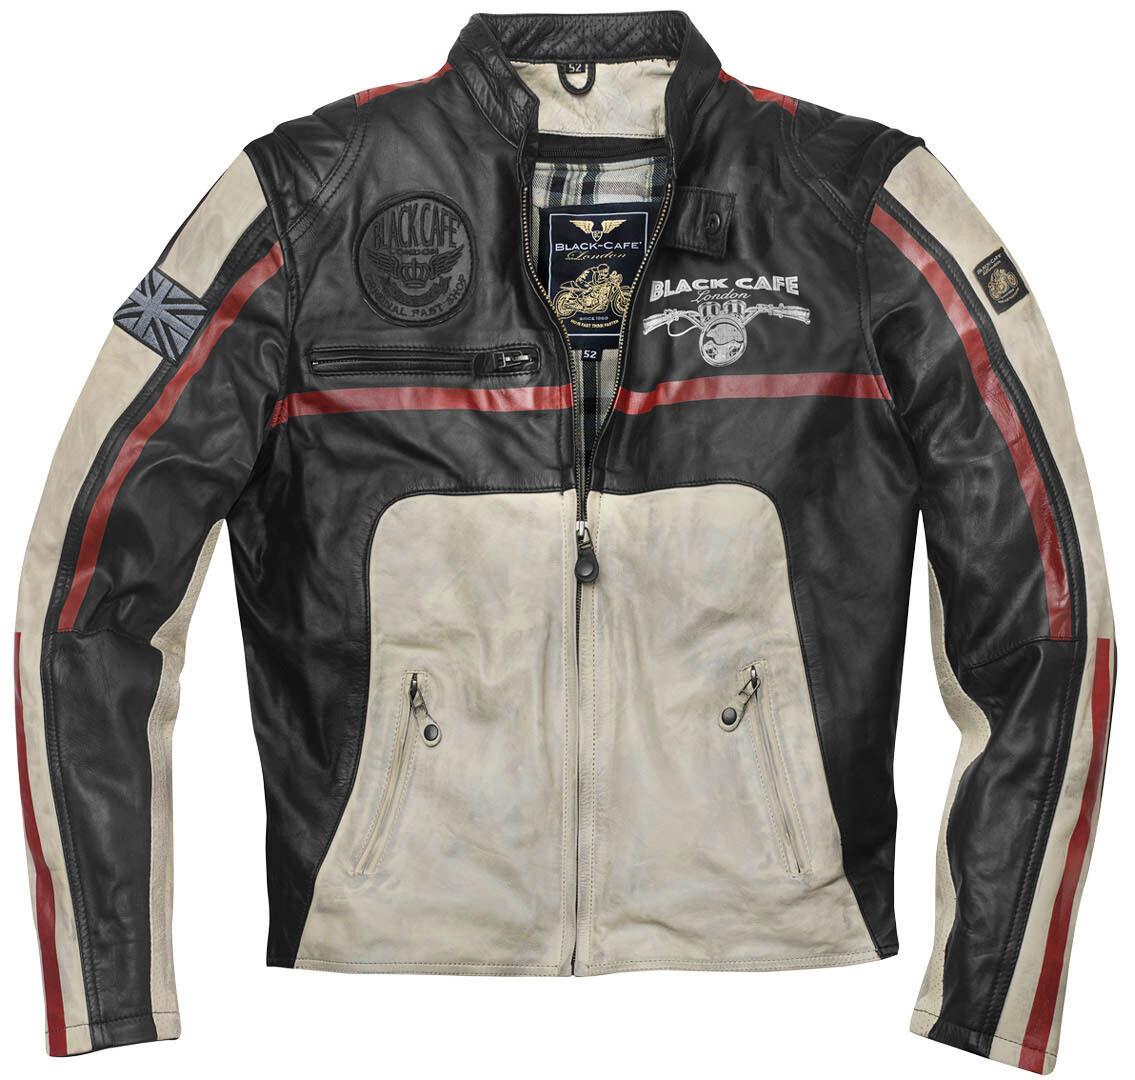 Black-Cafe London Dhaka Veste en cuir de moto Noir Blanc Rouge taille : 60